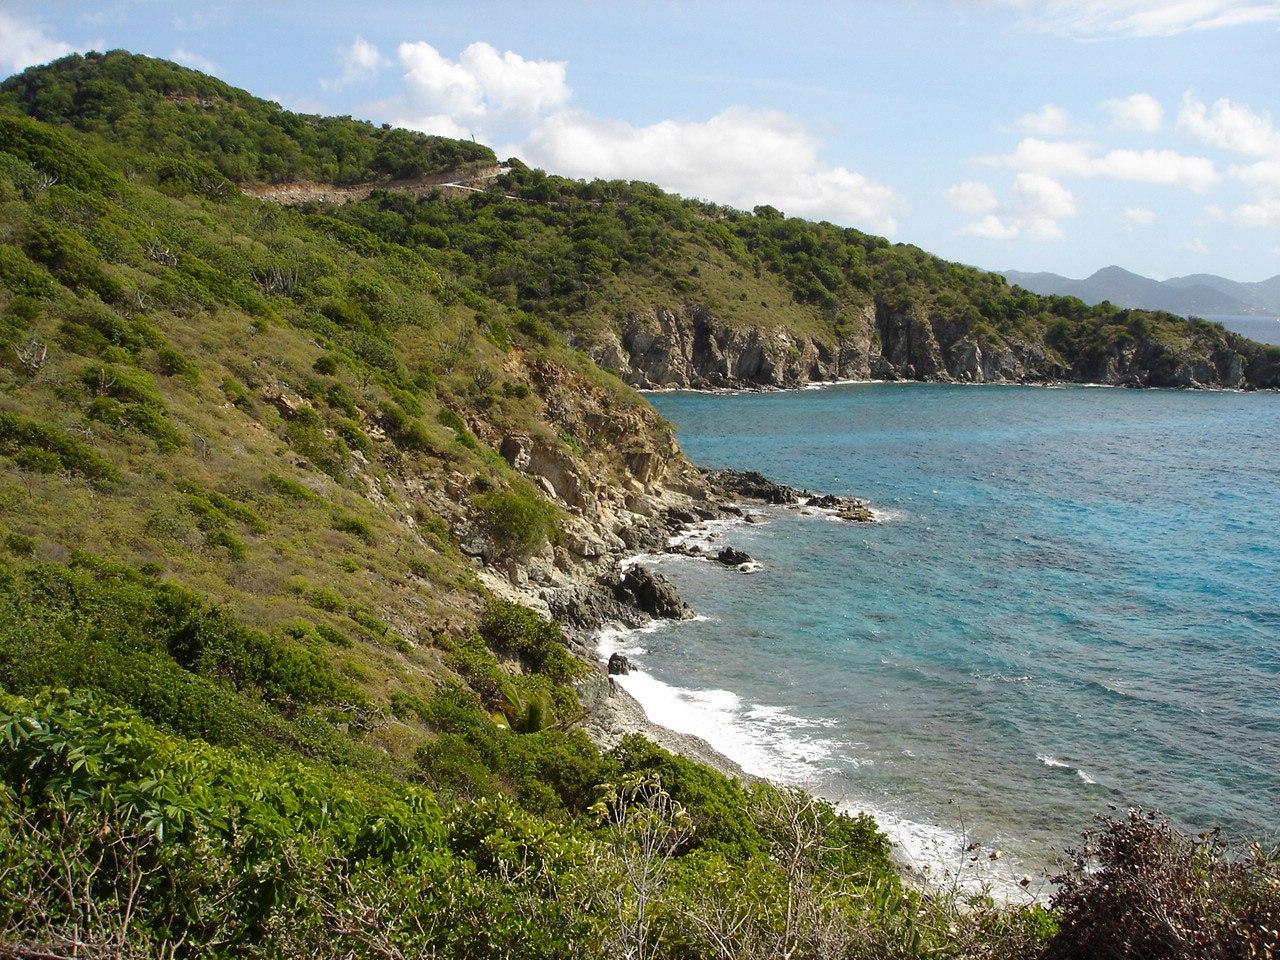 Think, Cabrita point virgin islands